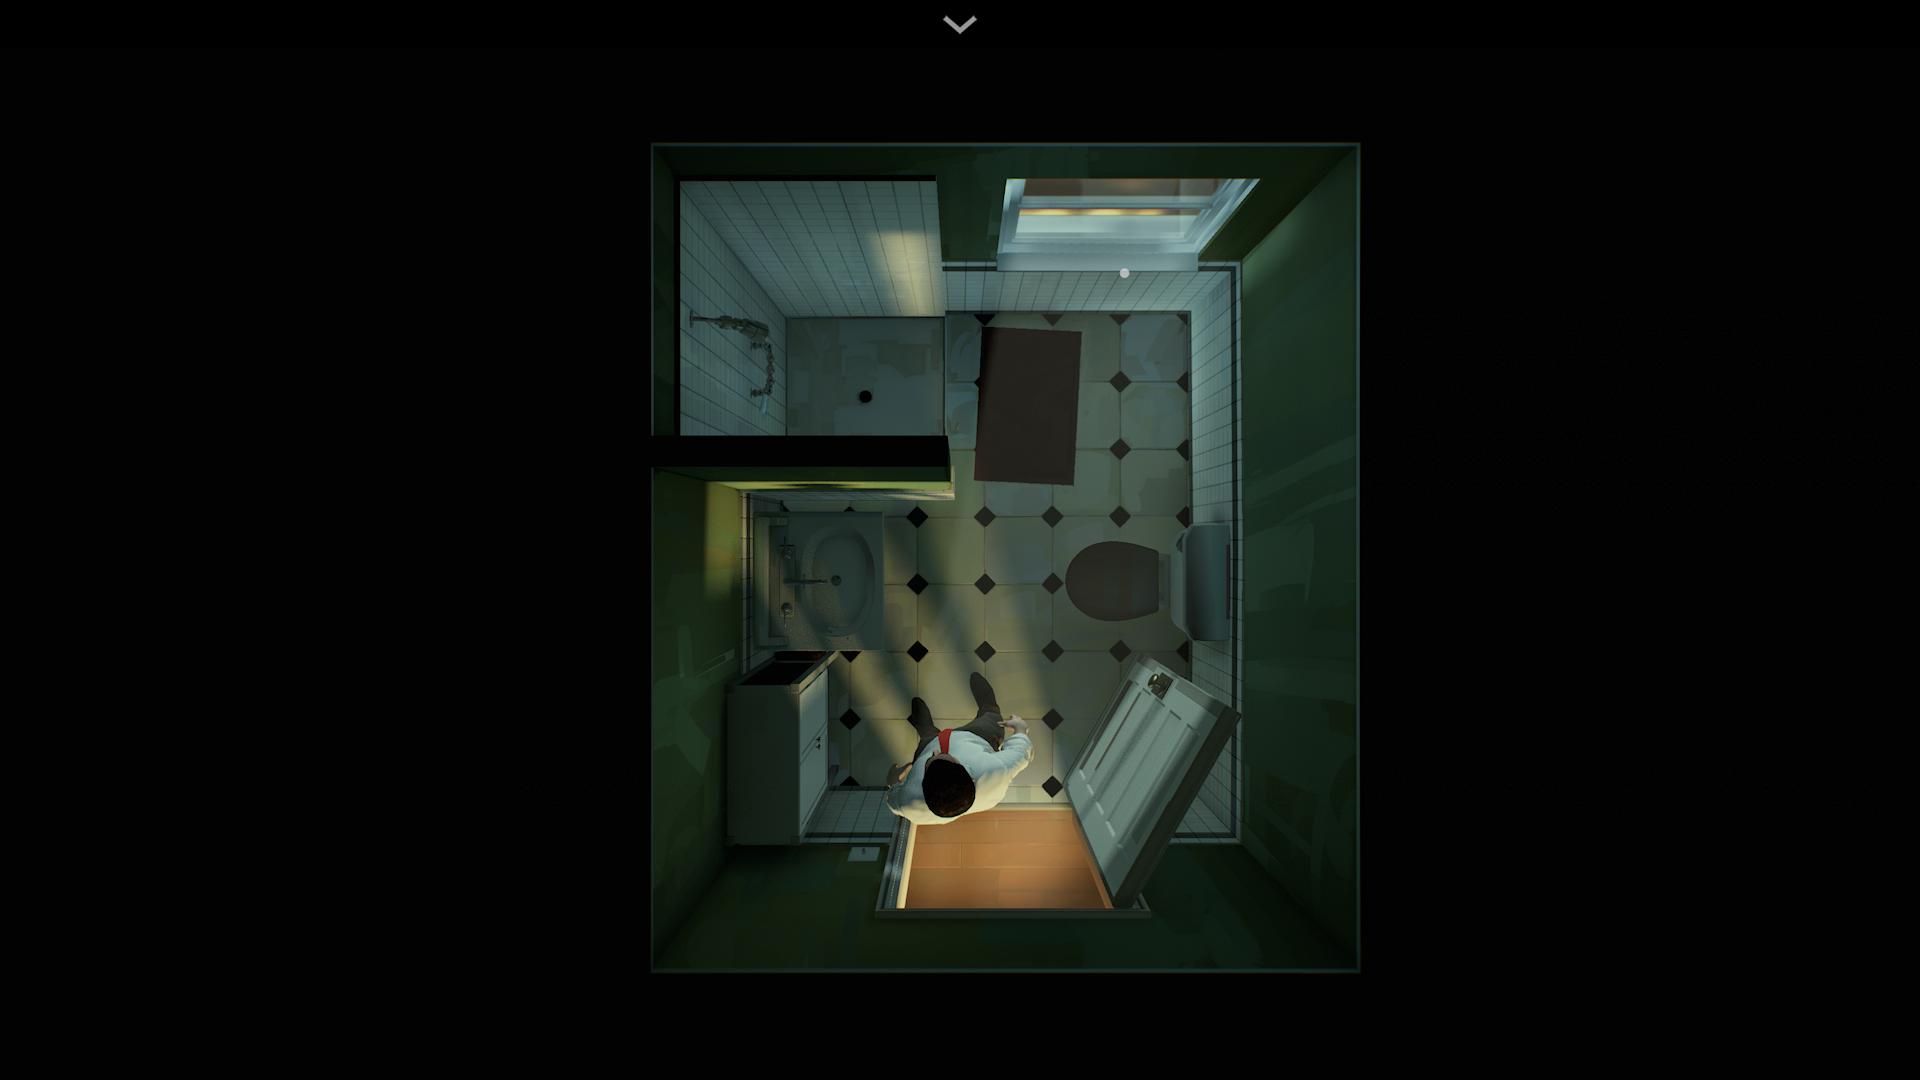 Hra so svetlom podčiarkovala atmosféru príbehu.